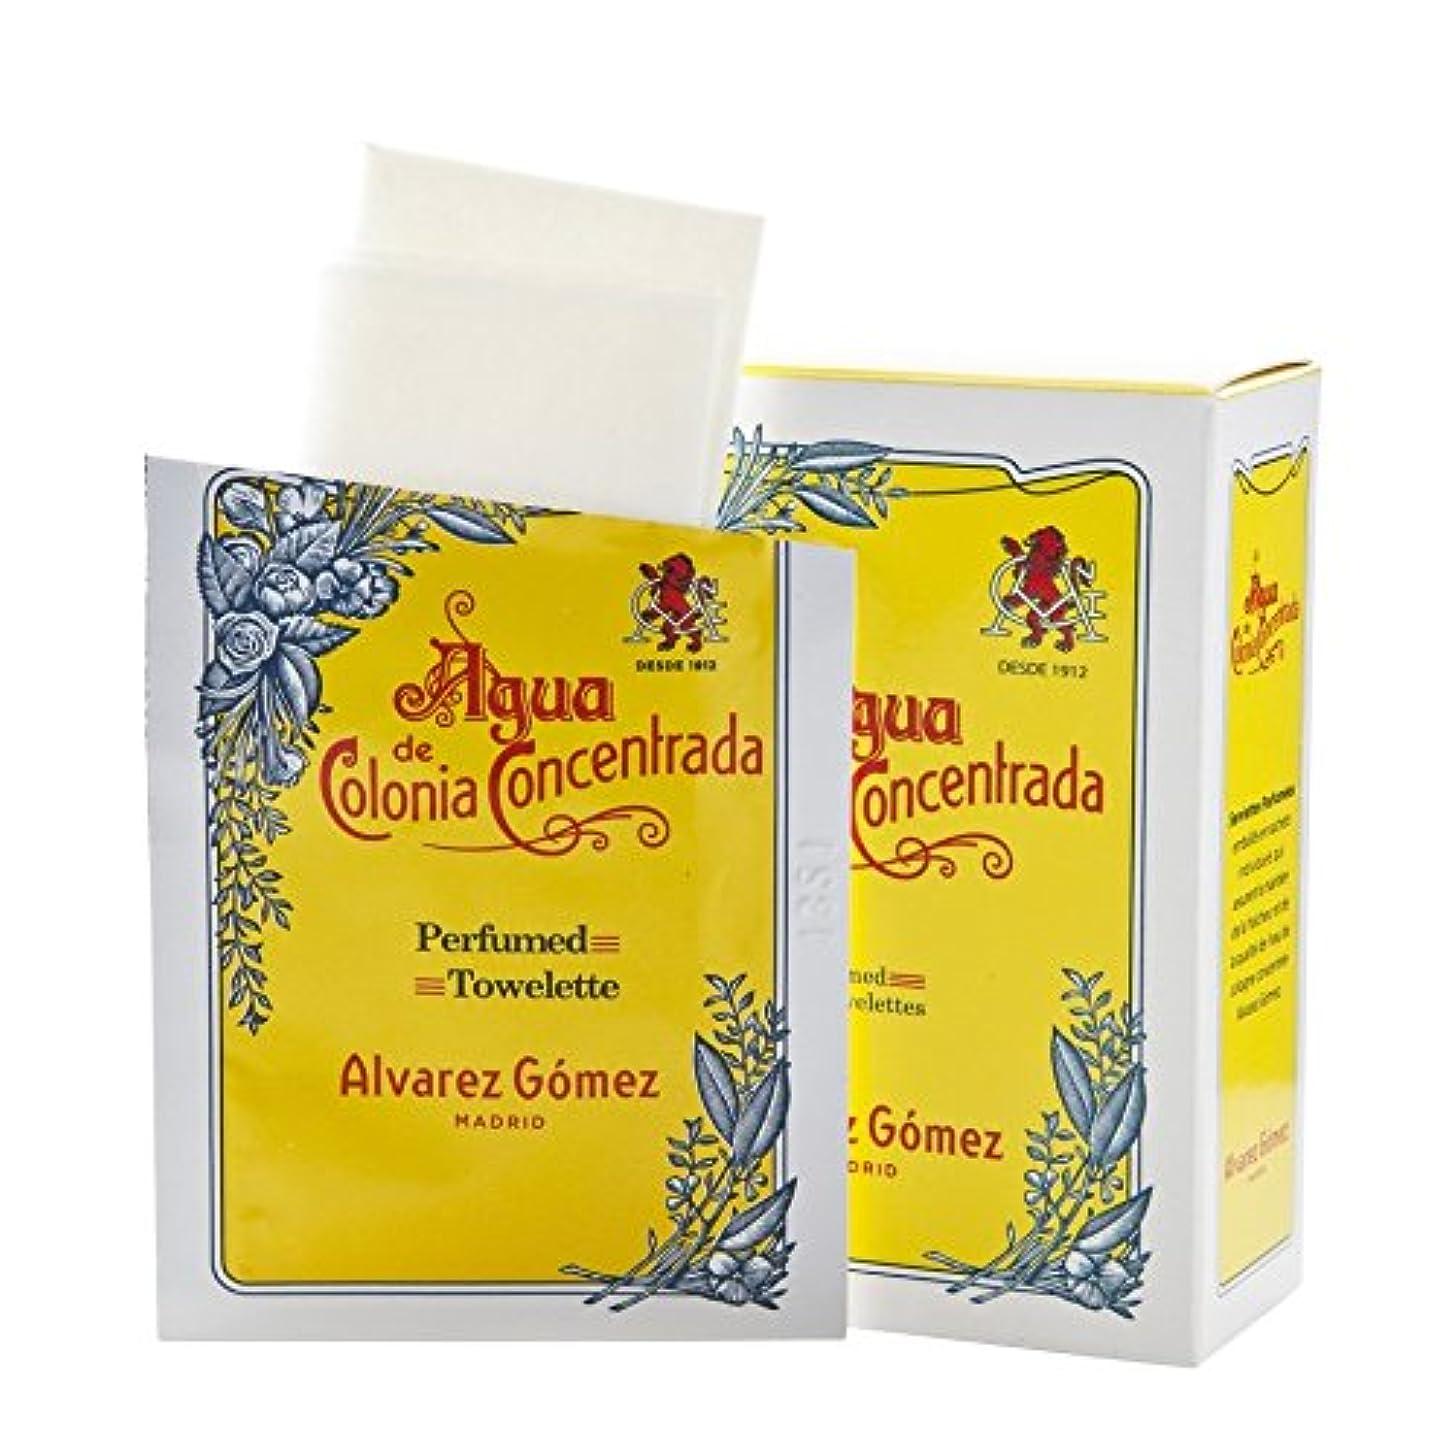 マットレスハーネス資金?lvarez G?mez Agua de Colonia Concentrada Refreshing Wipes - アルバレス?ゴメスアグア?デ?コロニアさわやかなワイプ [並行輸入品]